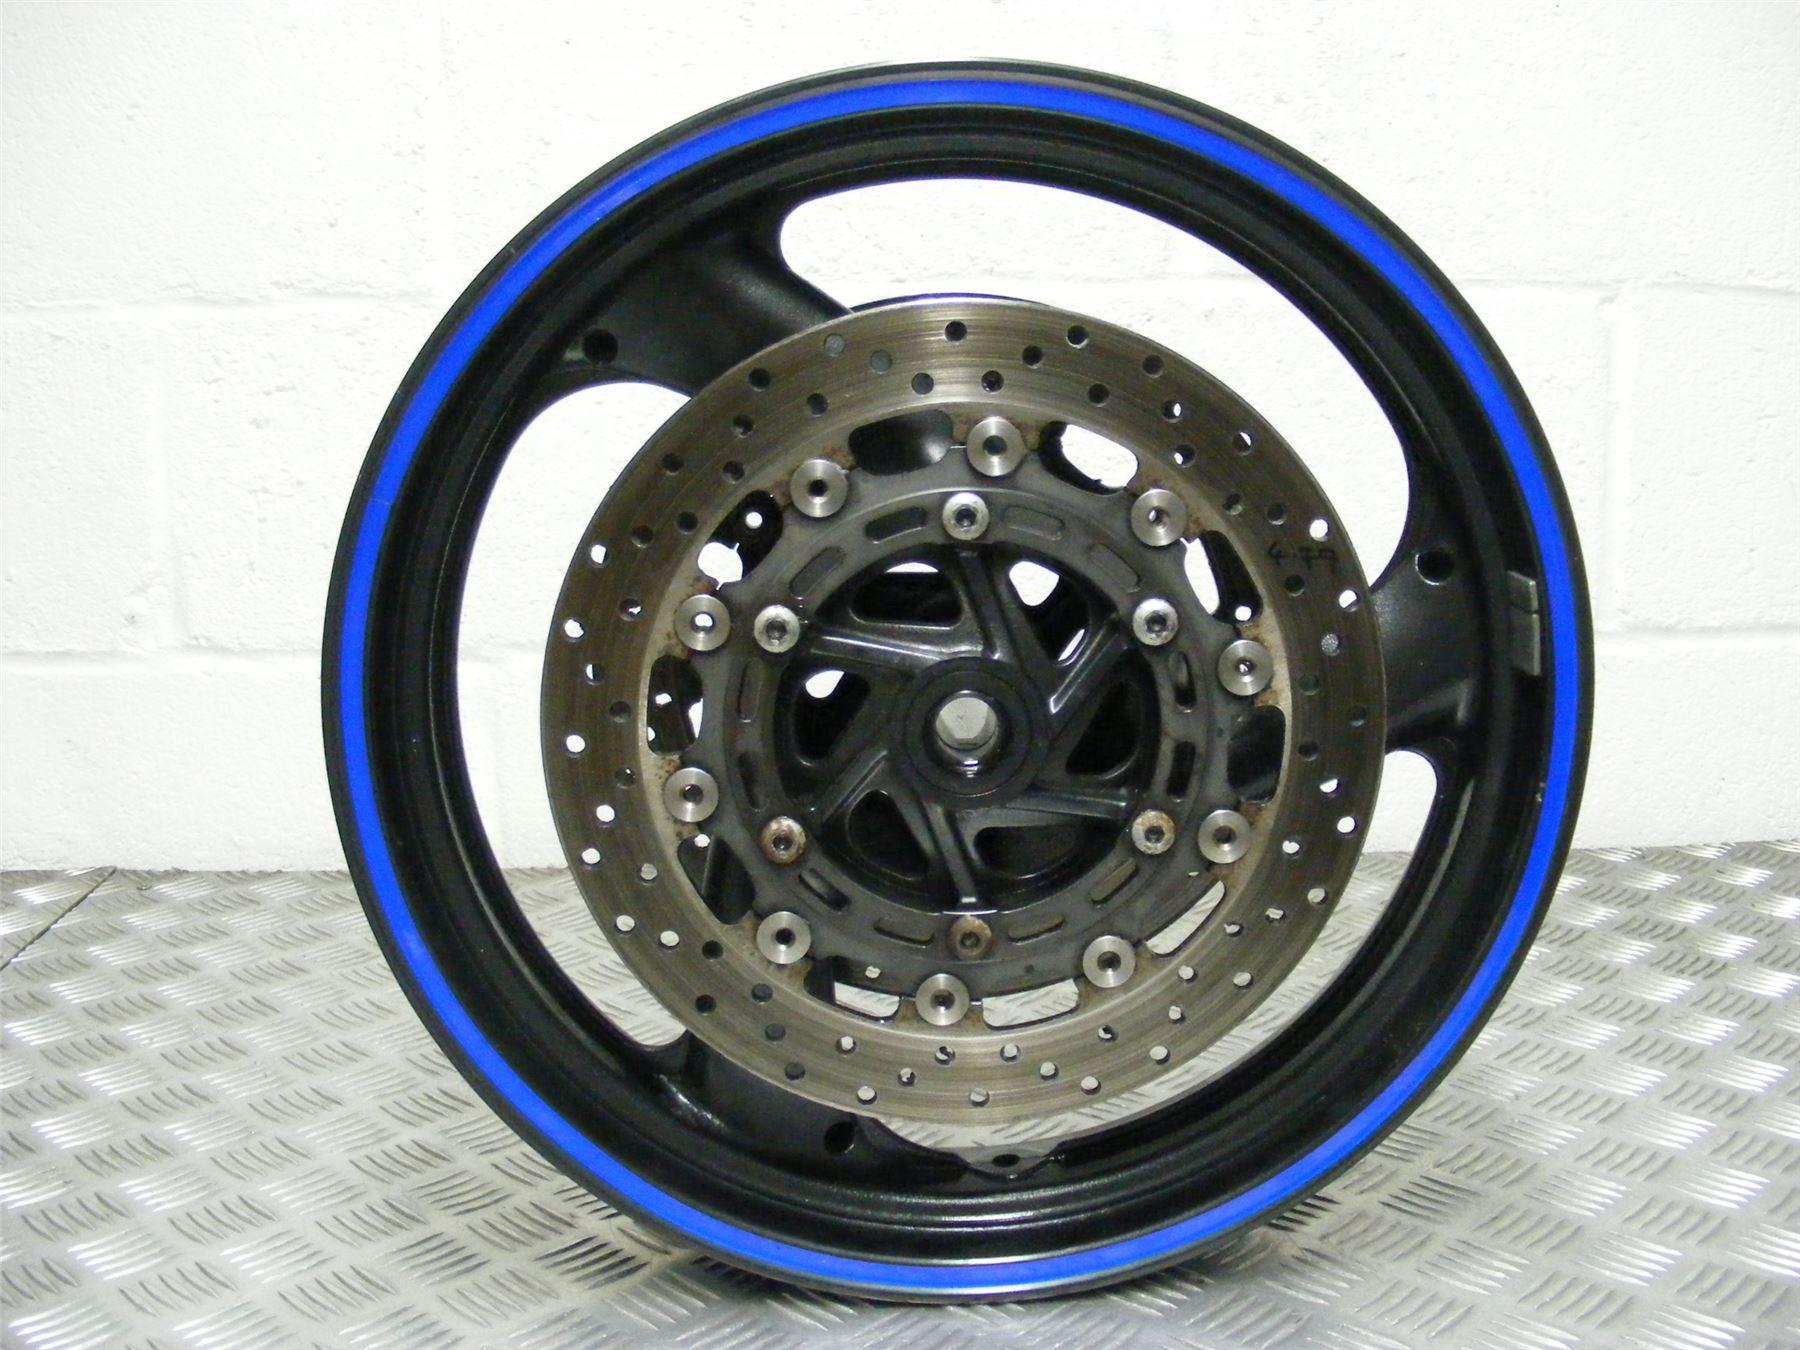 Yamaha Yzf 1000 R >> Yamaha Yzf1000r Yzf 1000 R Yzf1000 Thunderace 1997 Front Wheel